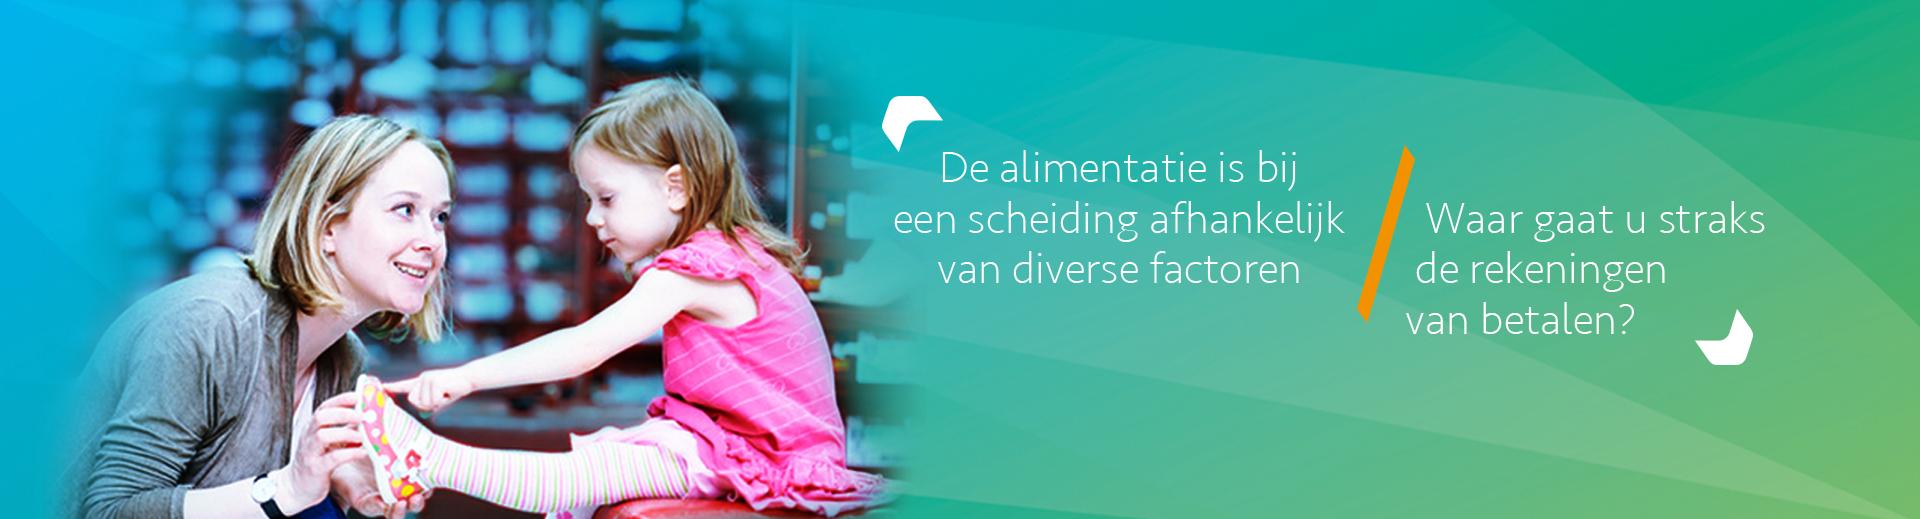 De alimentatie bij een scheiding - Scheidingsplanner Maastricht - Heerlen - Gulpen